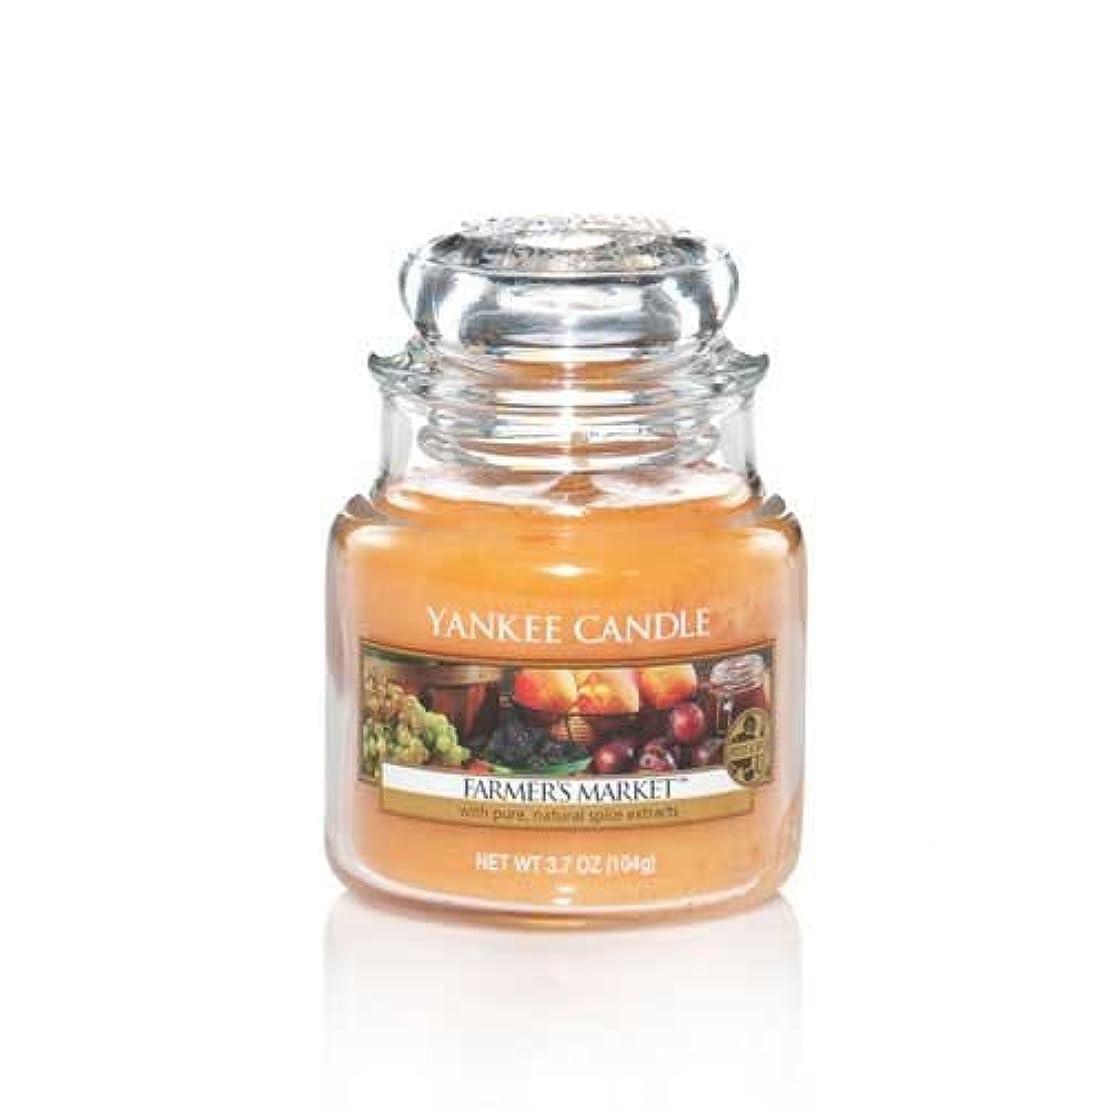 お別れ手紙を書く鉱夫Yankee Candle Farmer 's Market Small Jar Candle, Food & Spice香り